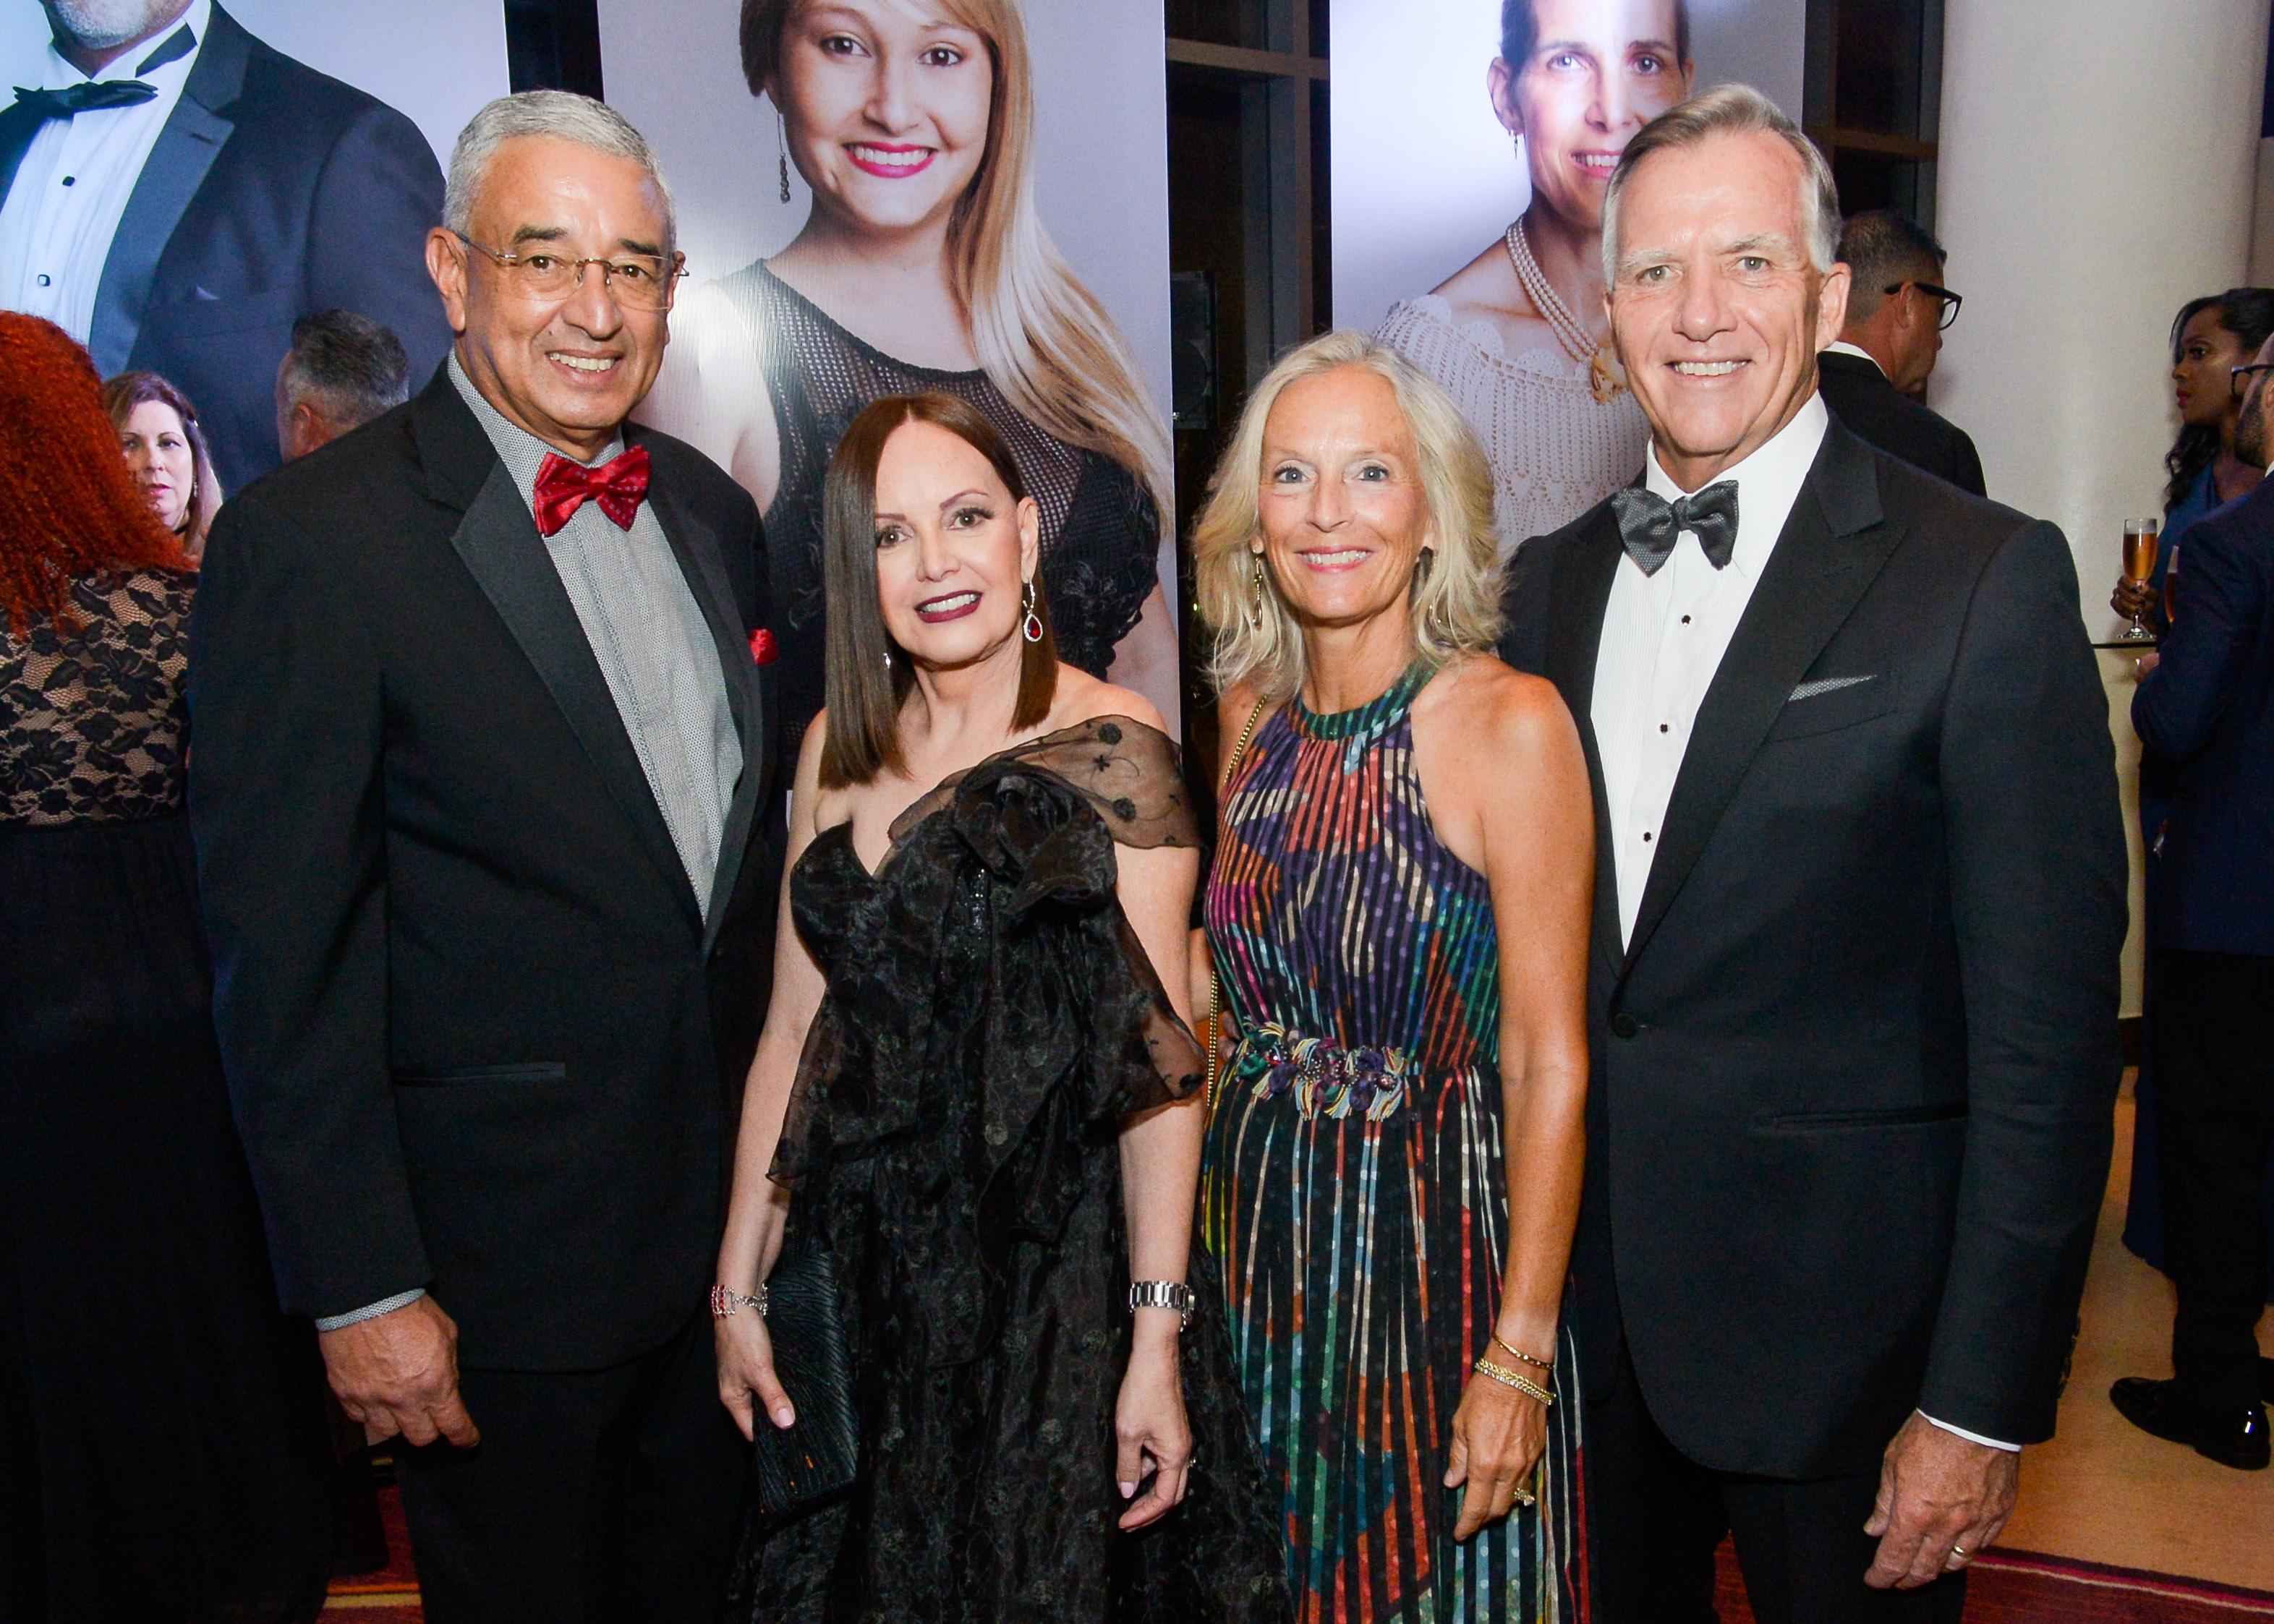 Joe y Kimy Quiñones, juntoa Cindy y Gary Reedy. (Enid M. Salgado-Mercado)